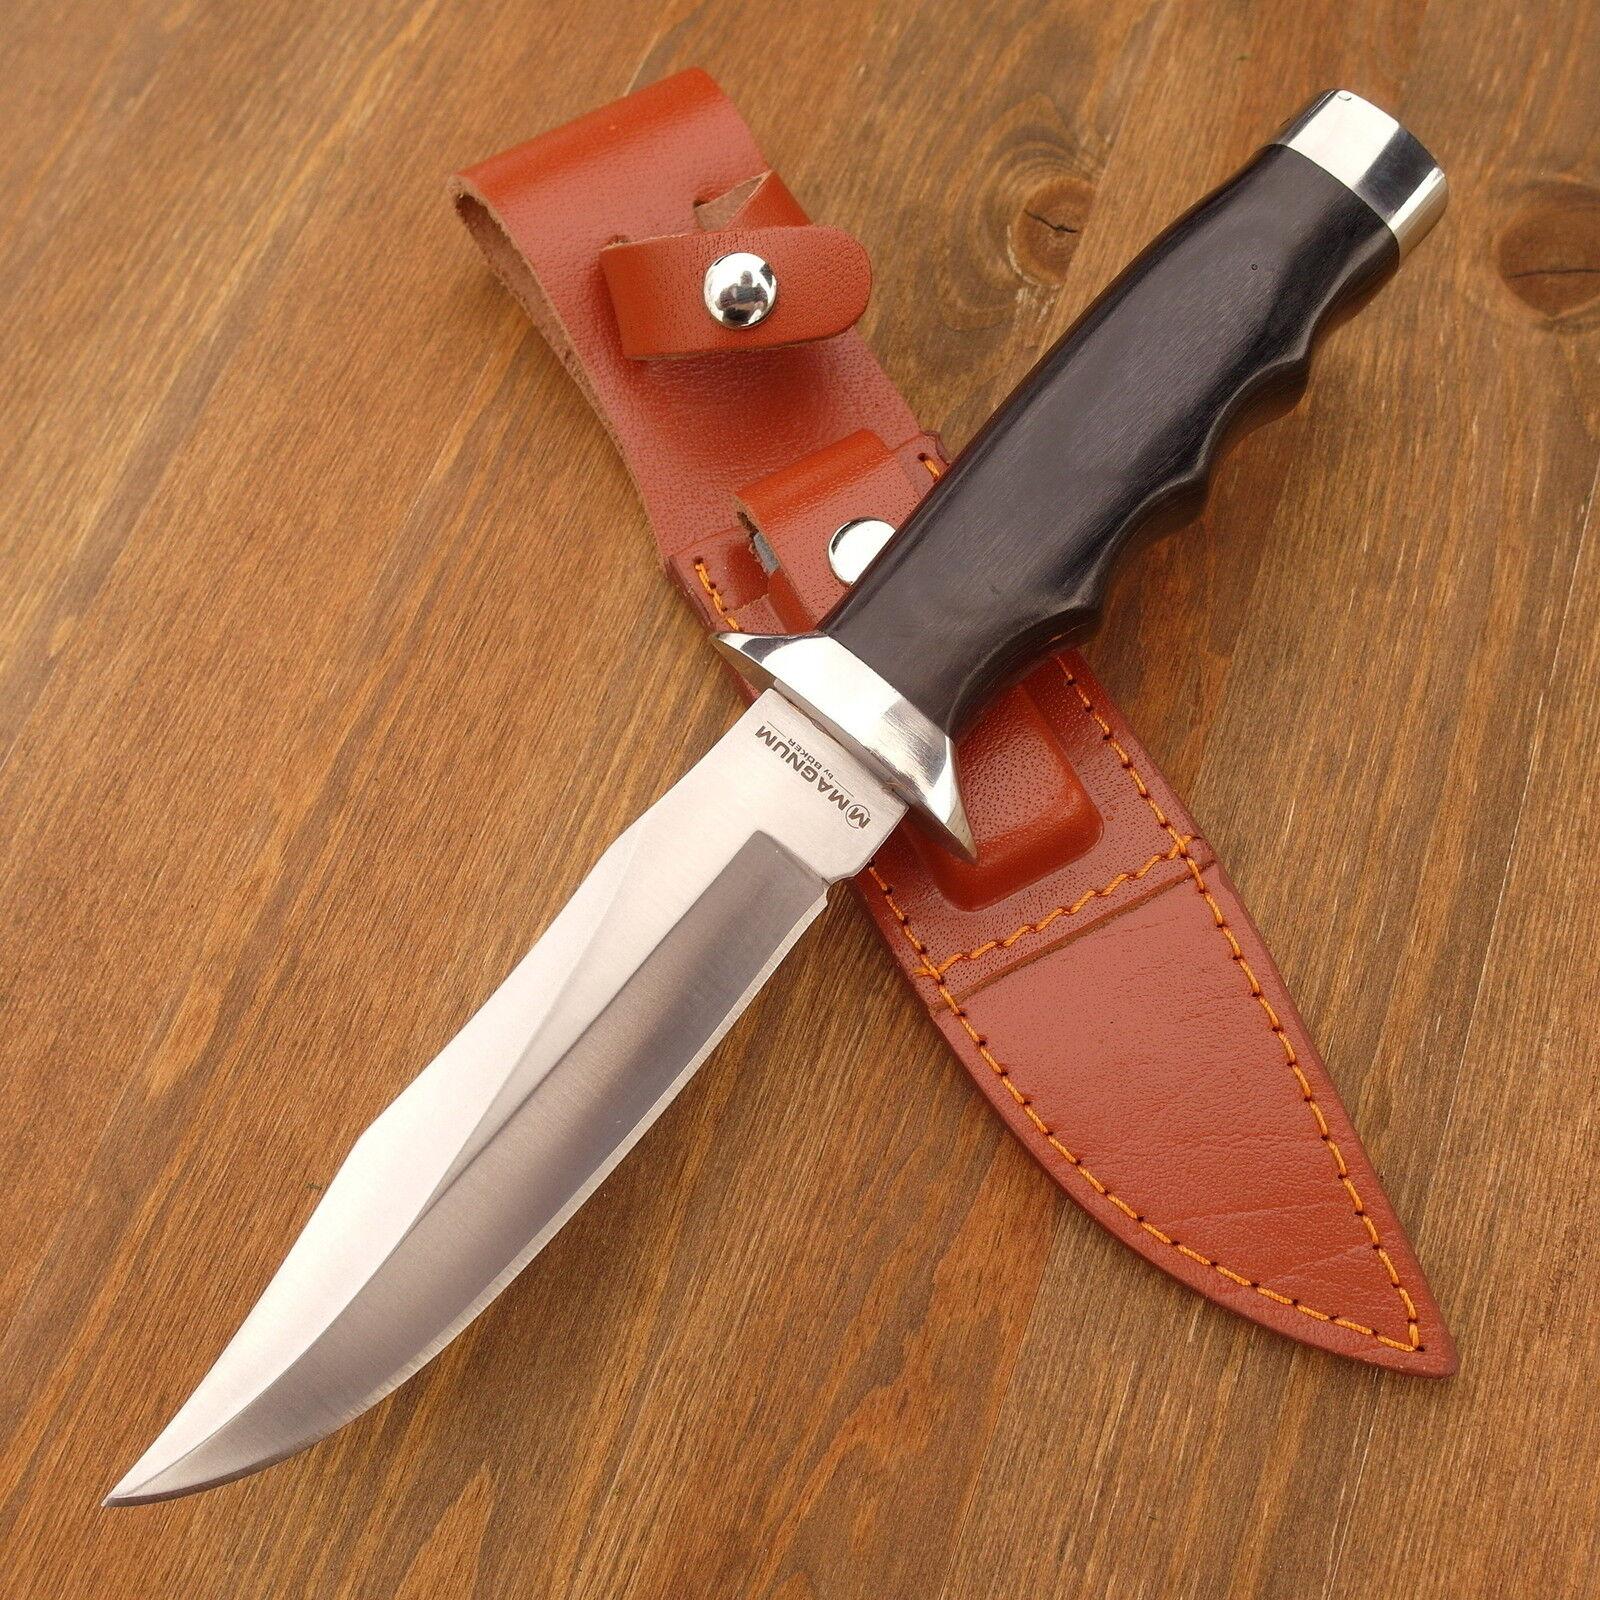 BÖKER Magnum Jungle Devil Messer Messer Messer Jagdmesser Gürtelmesser + Lederscheide 02MB207 a7b60b